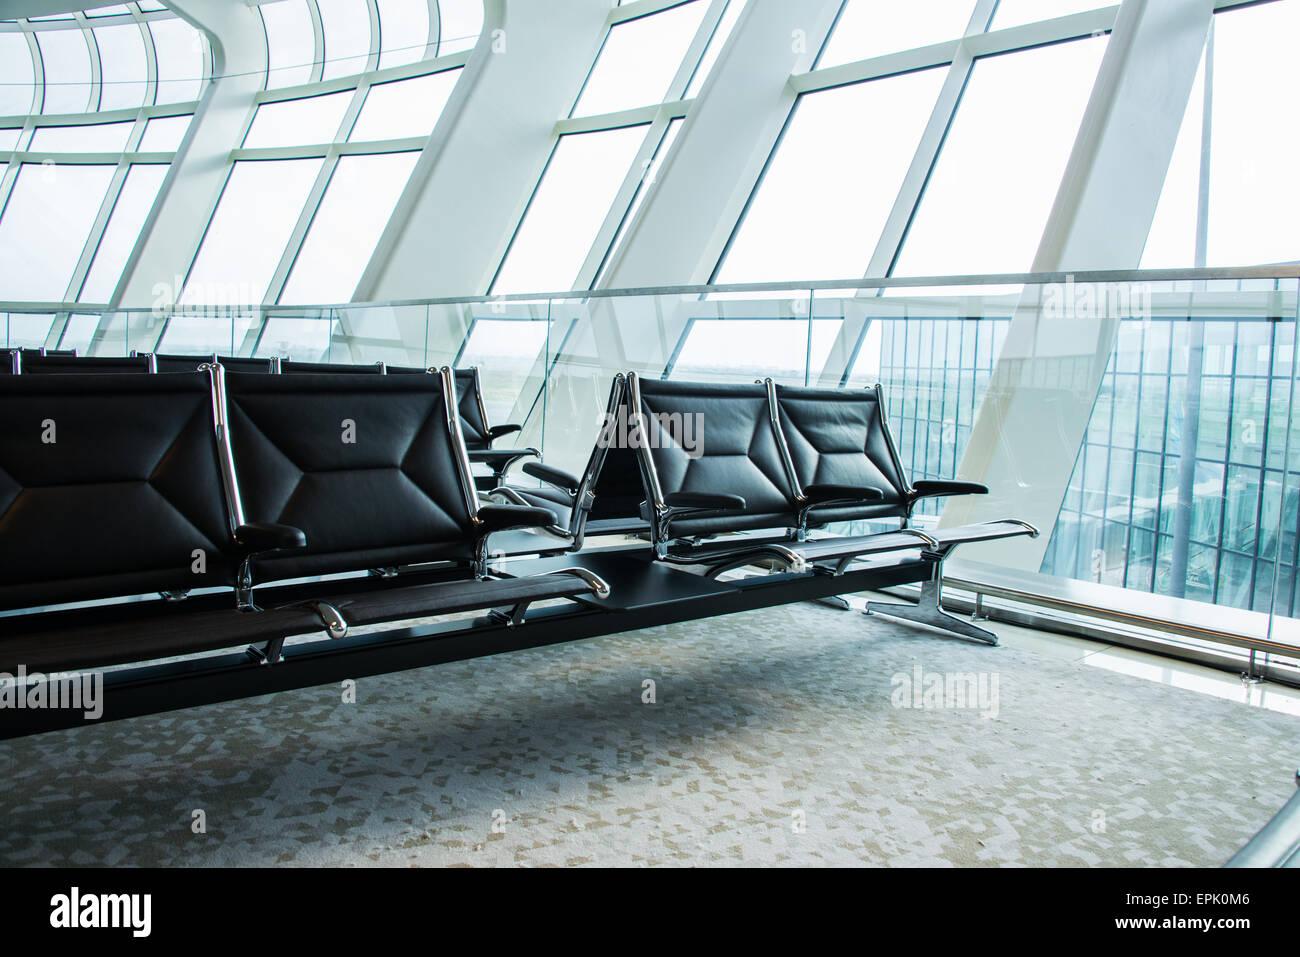 Stühle in der Flughafen-Lounge-Bereich Stockfoto, Bild: 82781558 - Alamy